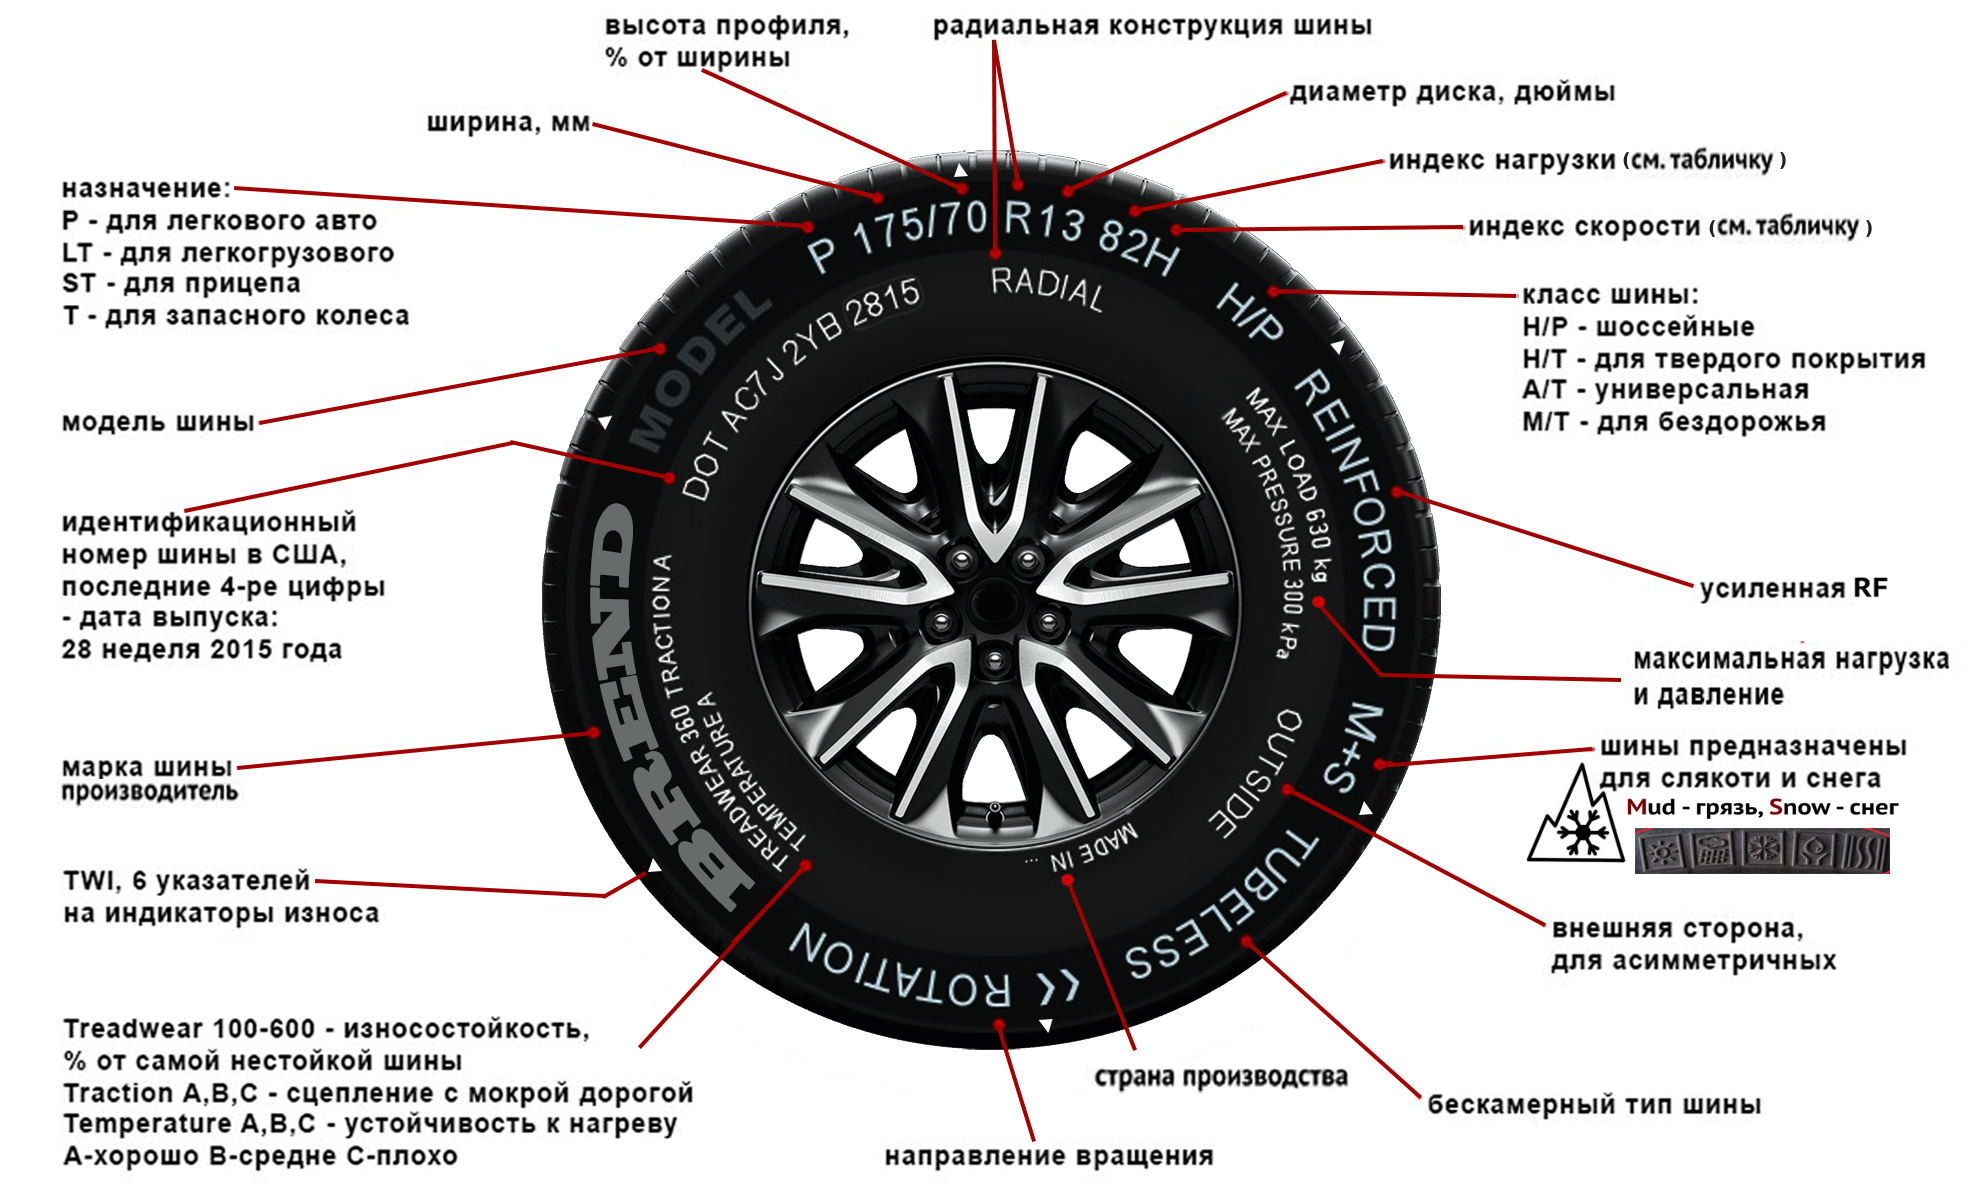 Маркировка шин и расшифровка их обозначений